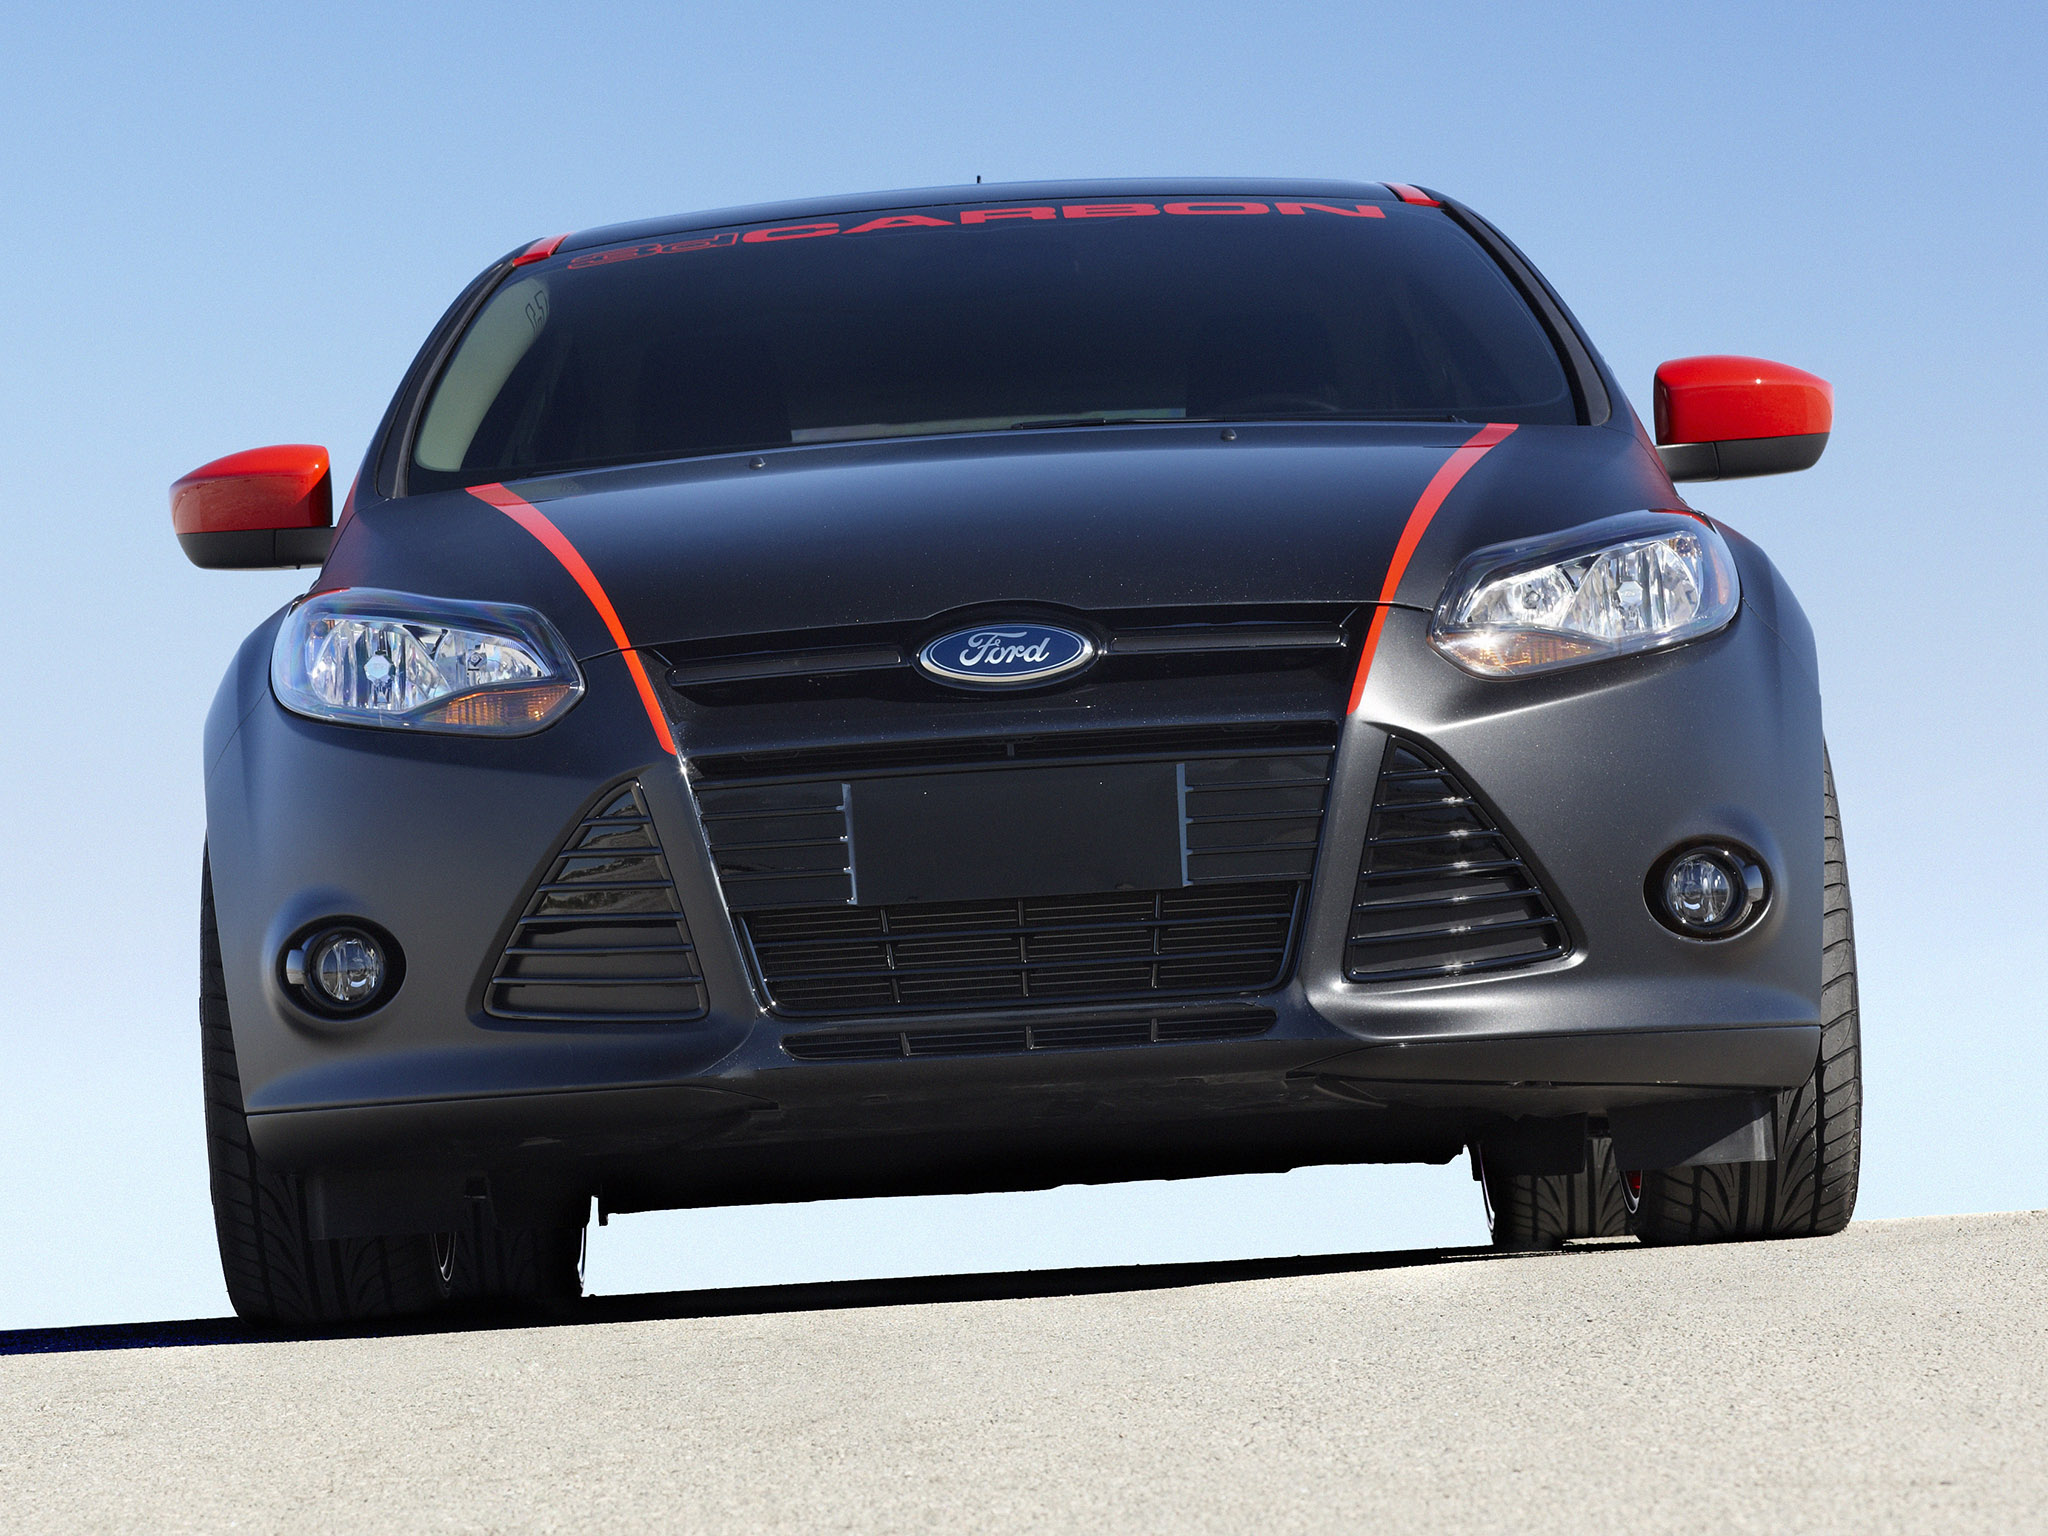 Ford Focus II Руководство по эксплуатации, техническому ...